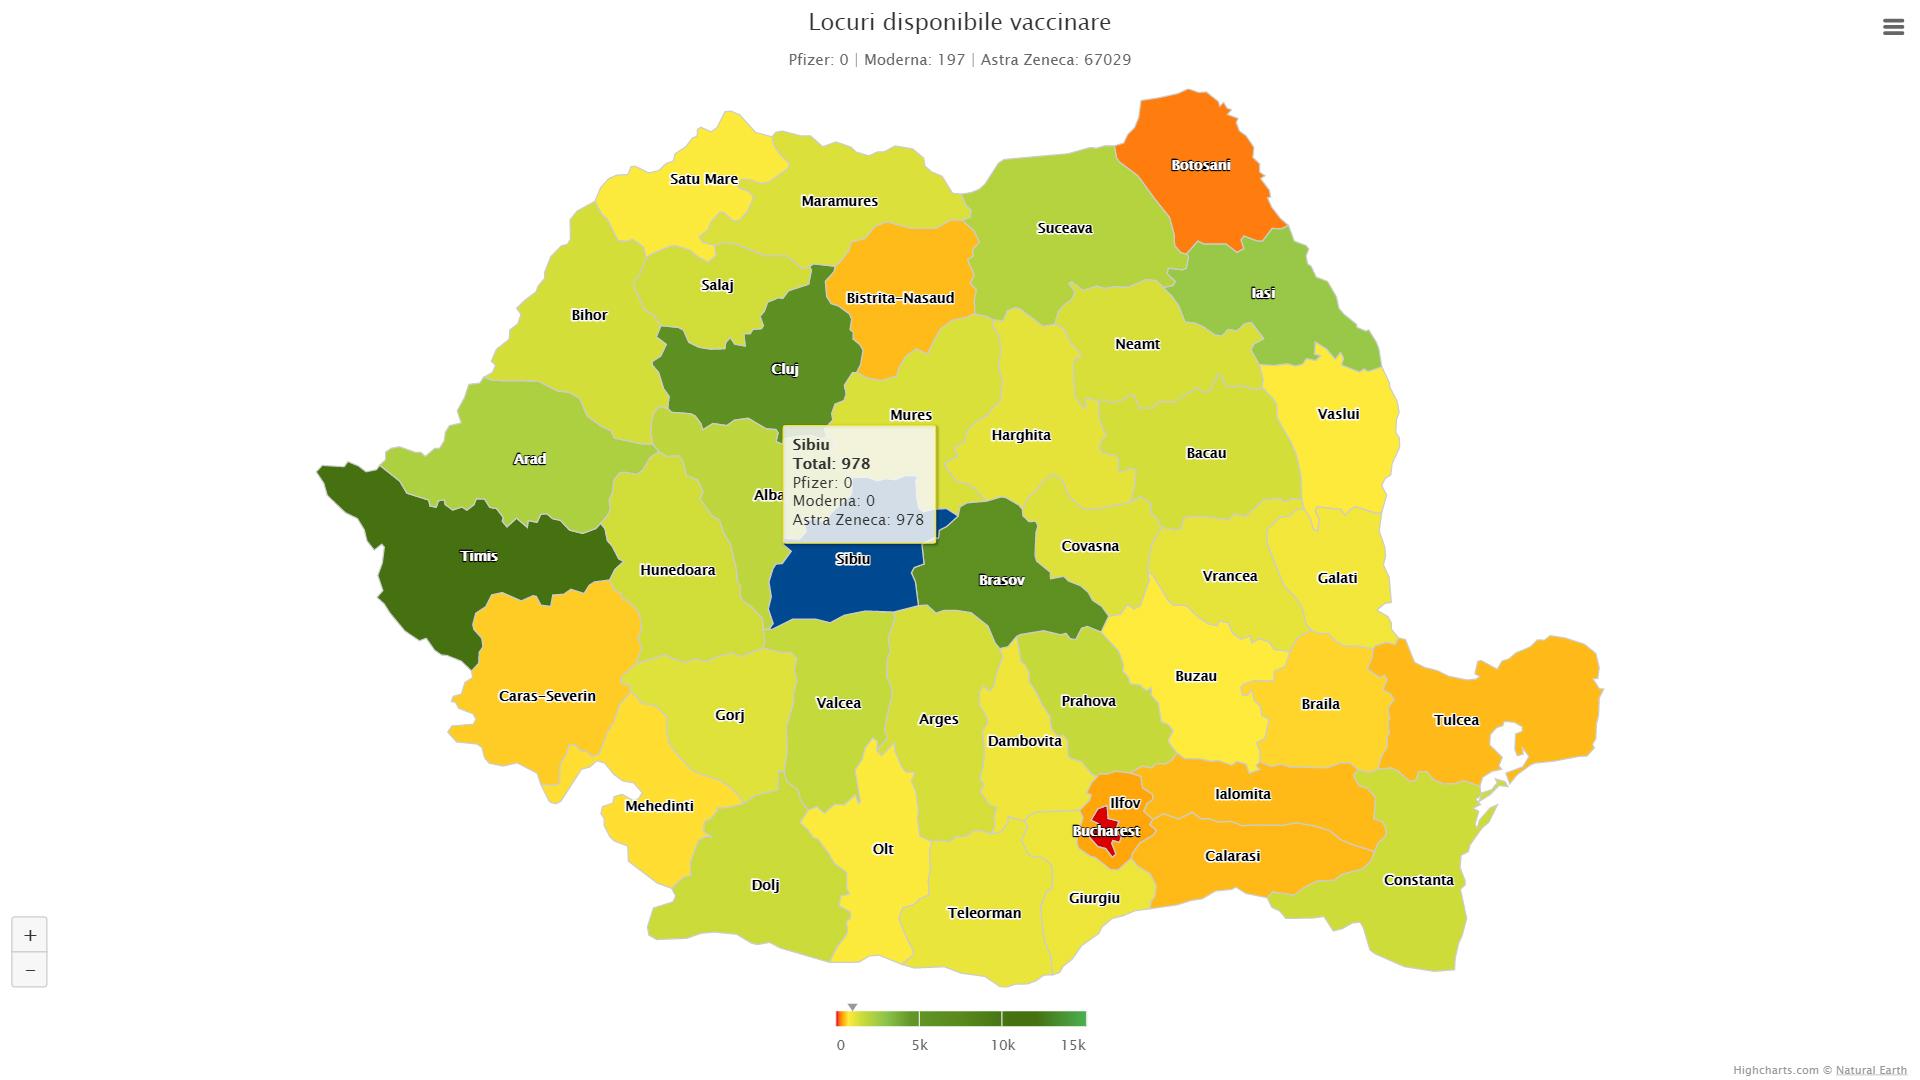 Aproape 500 de locuri disponibile la vaccinararea cu AstaZeneca, în muncipiul Sibiu. Aproximativ 1.000, în tot județul